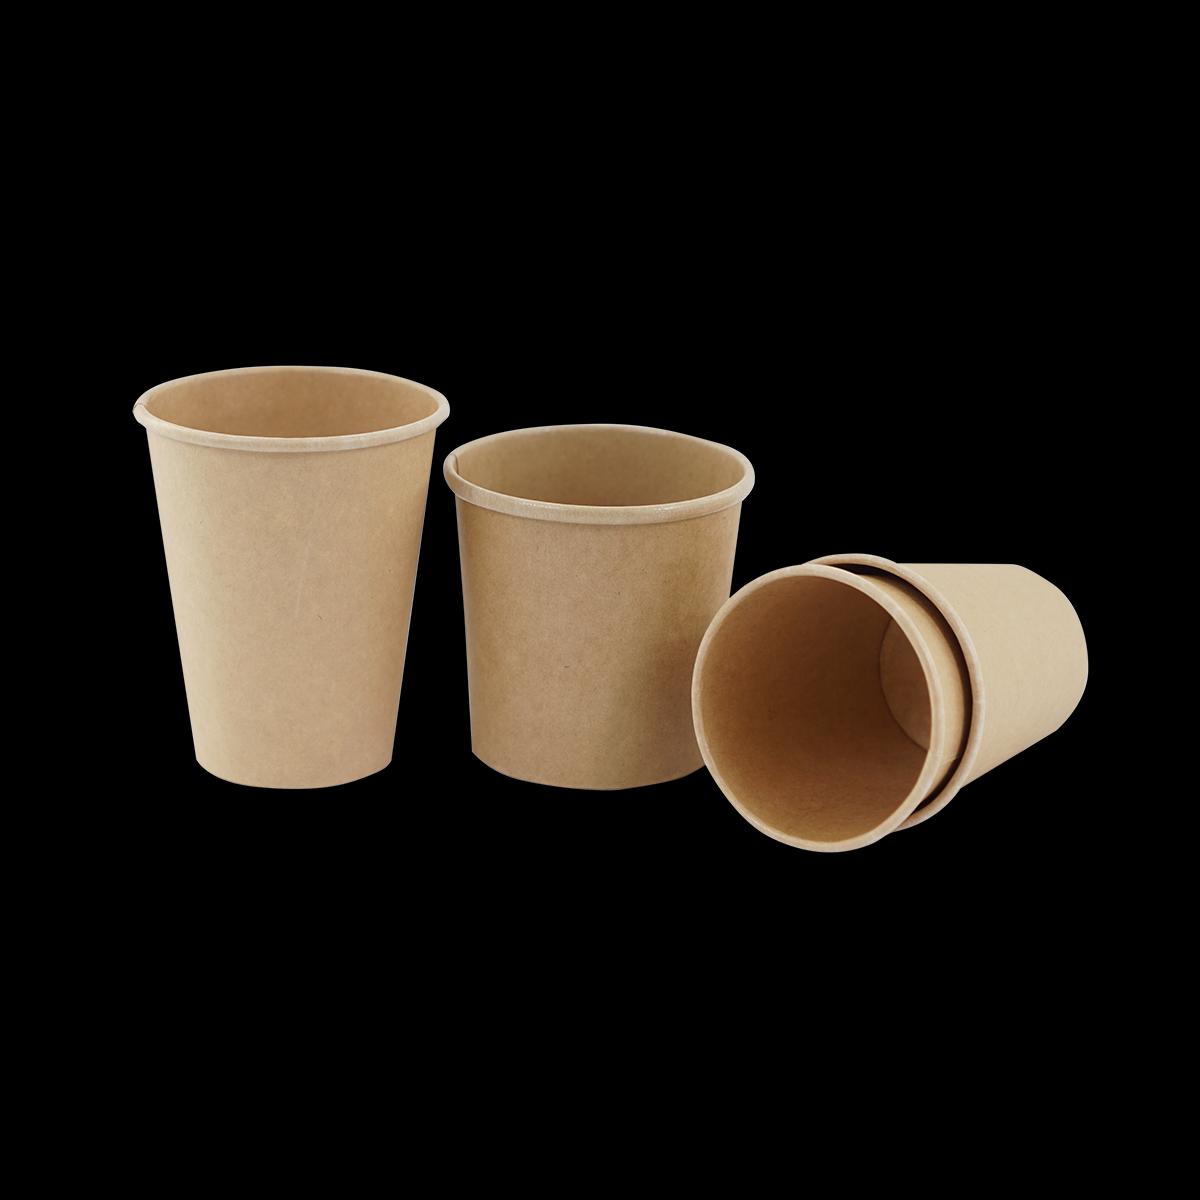 Becher weiß 200 ml, Kaffeebecker braun 300 ml